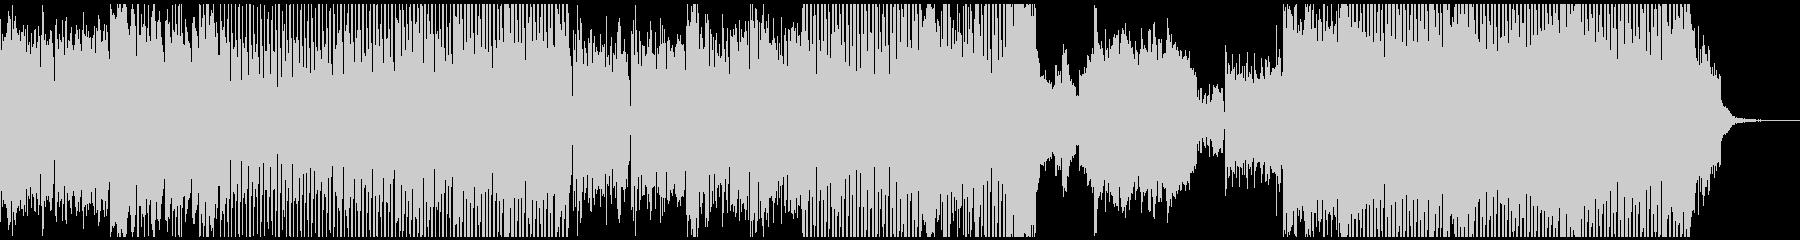 クラシカルな響きのダブステップの未再生の波形